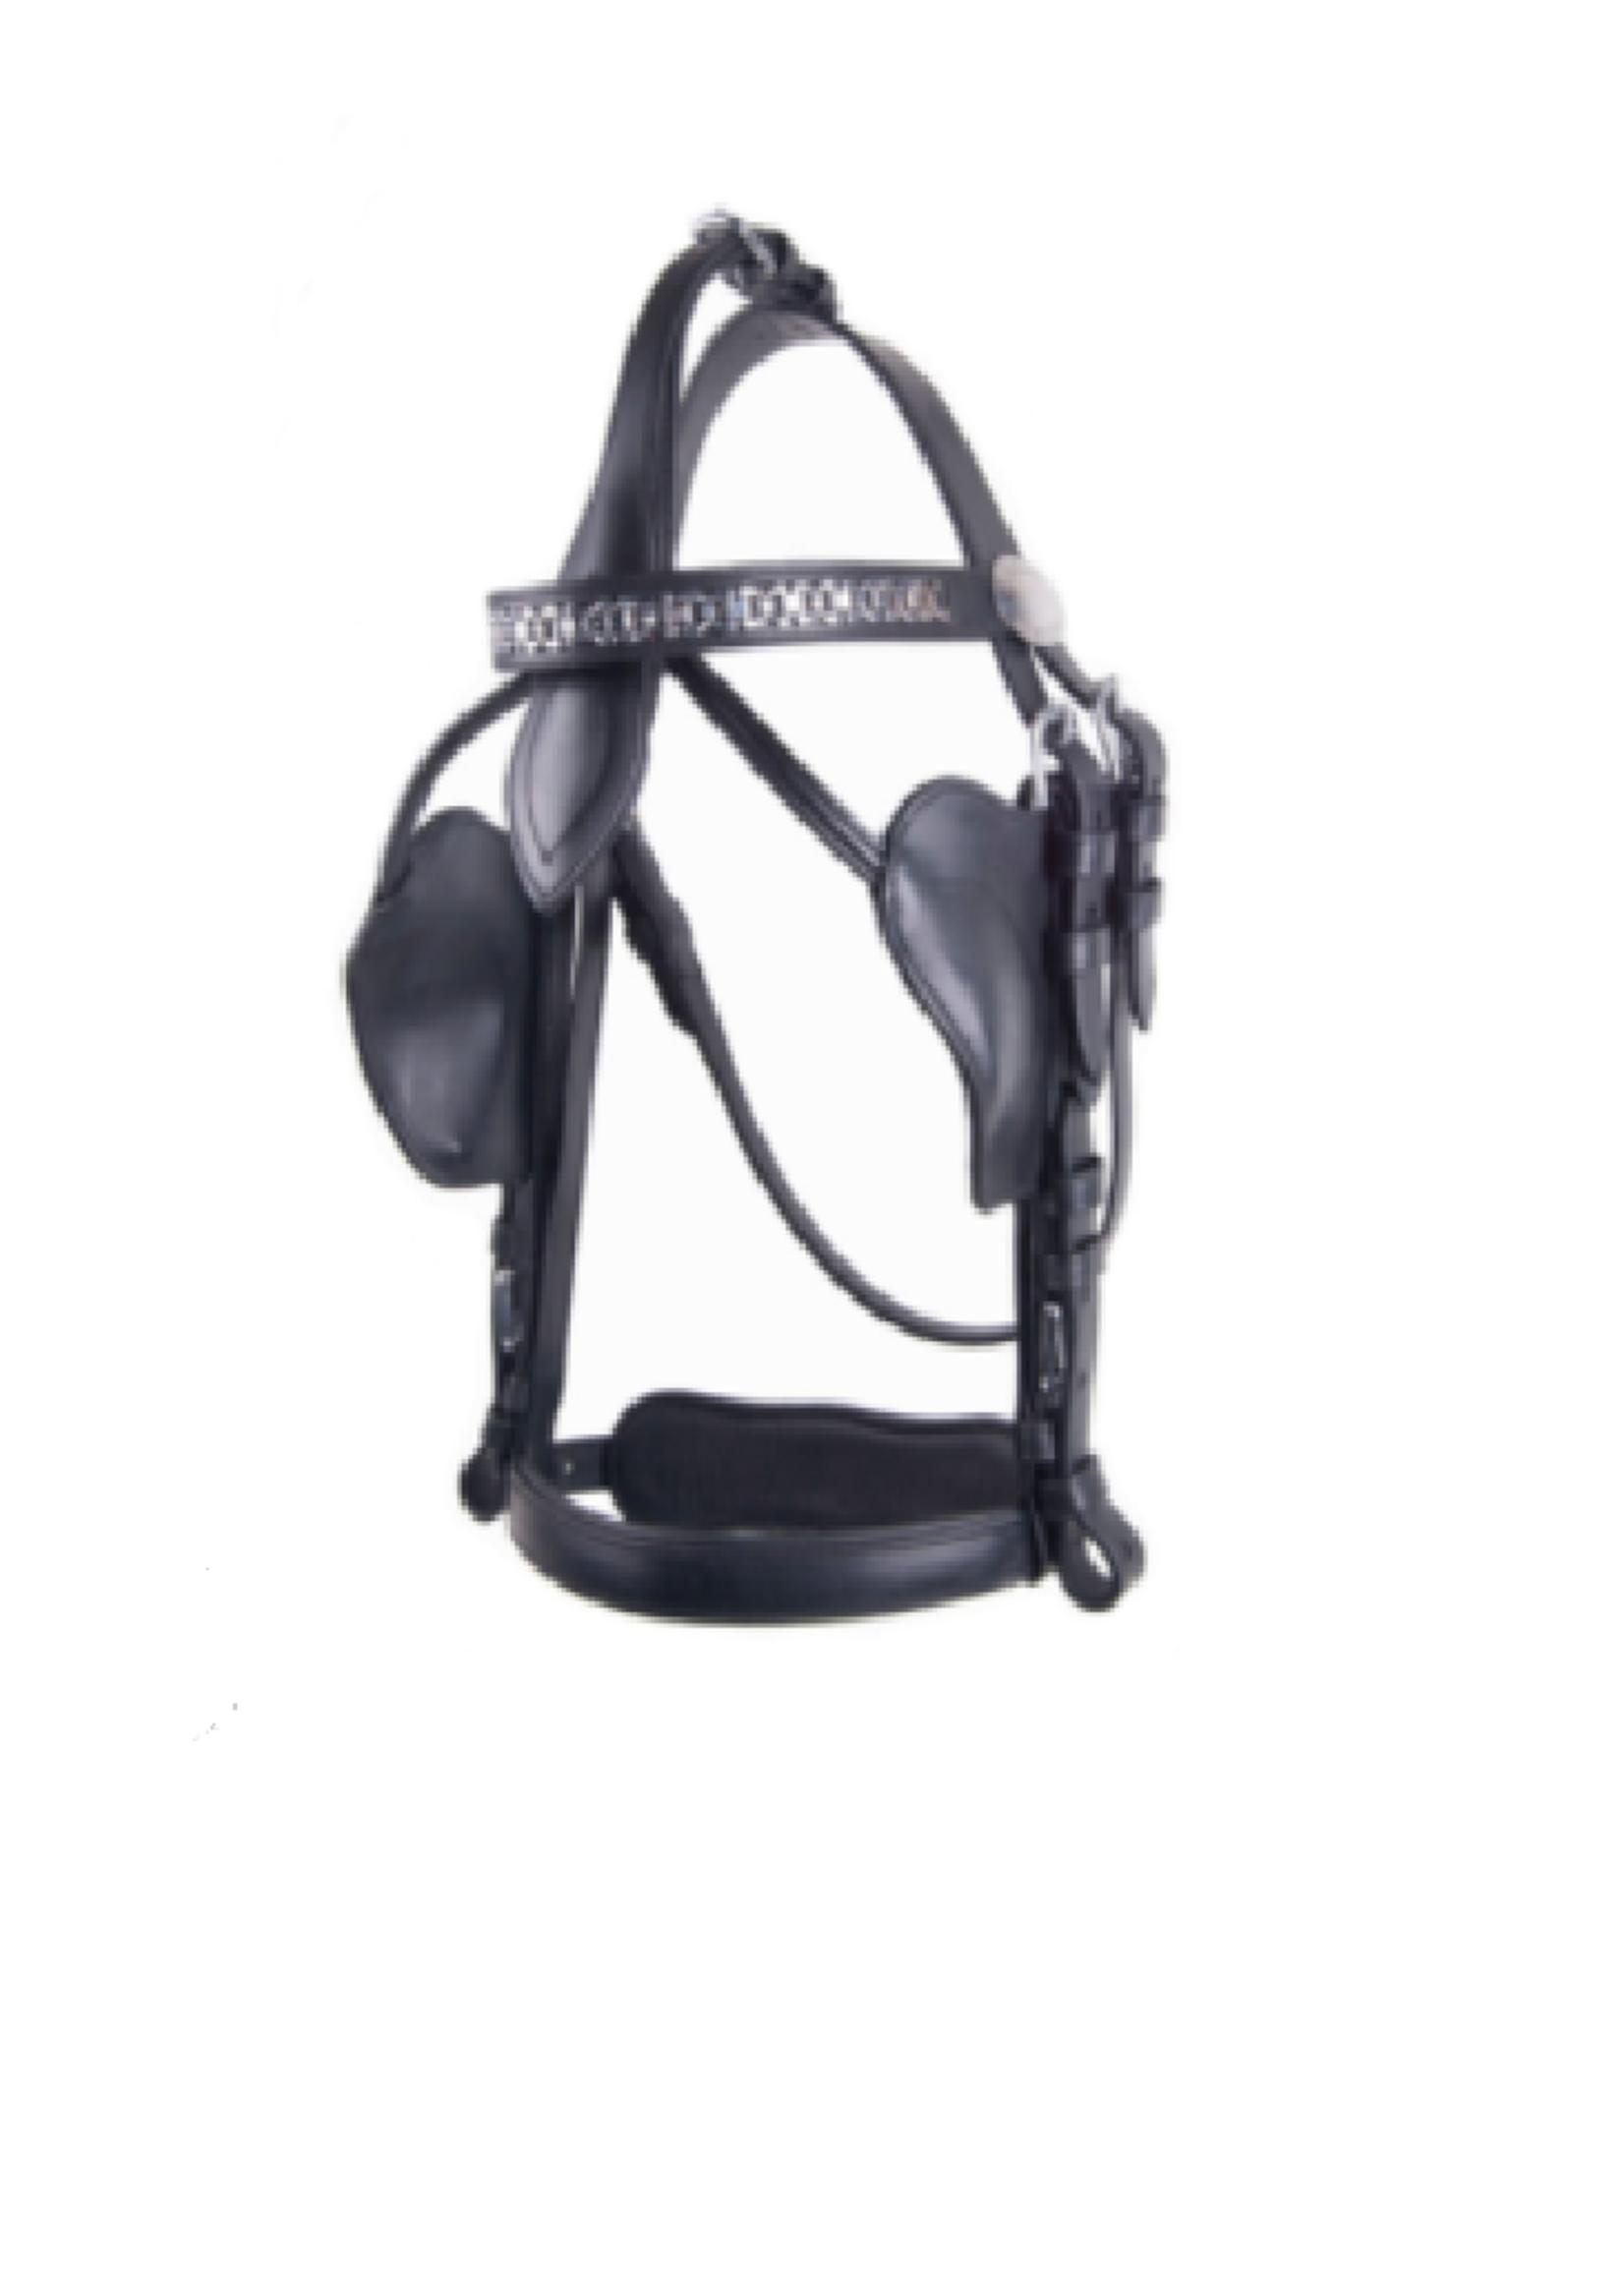 Ideal Ideal Leathertech V/combi Halve Kleppen Hoofdstel